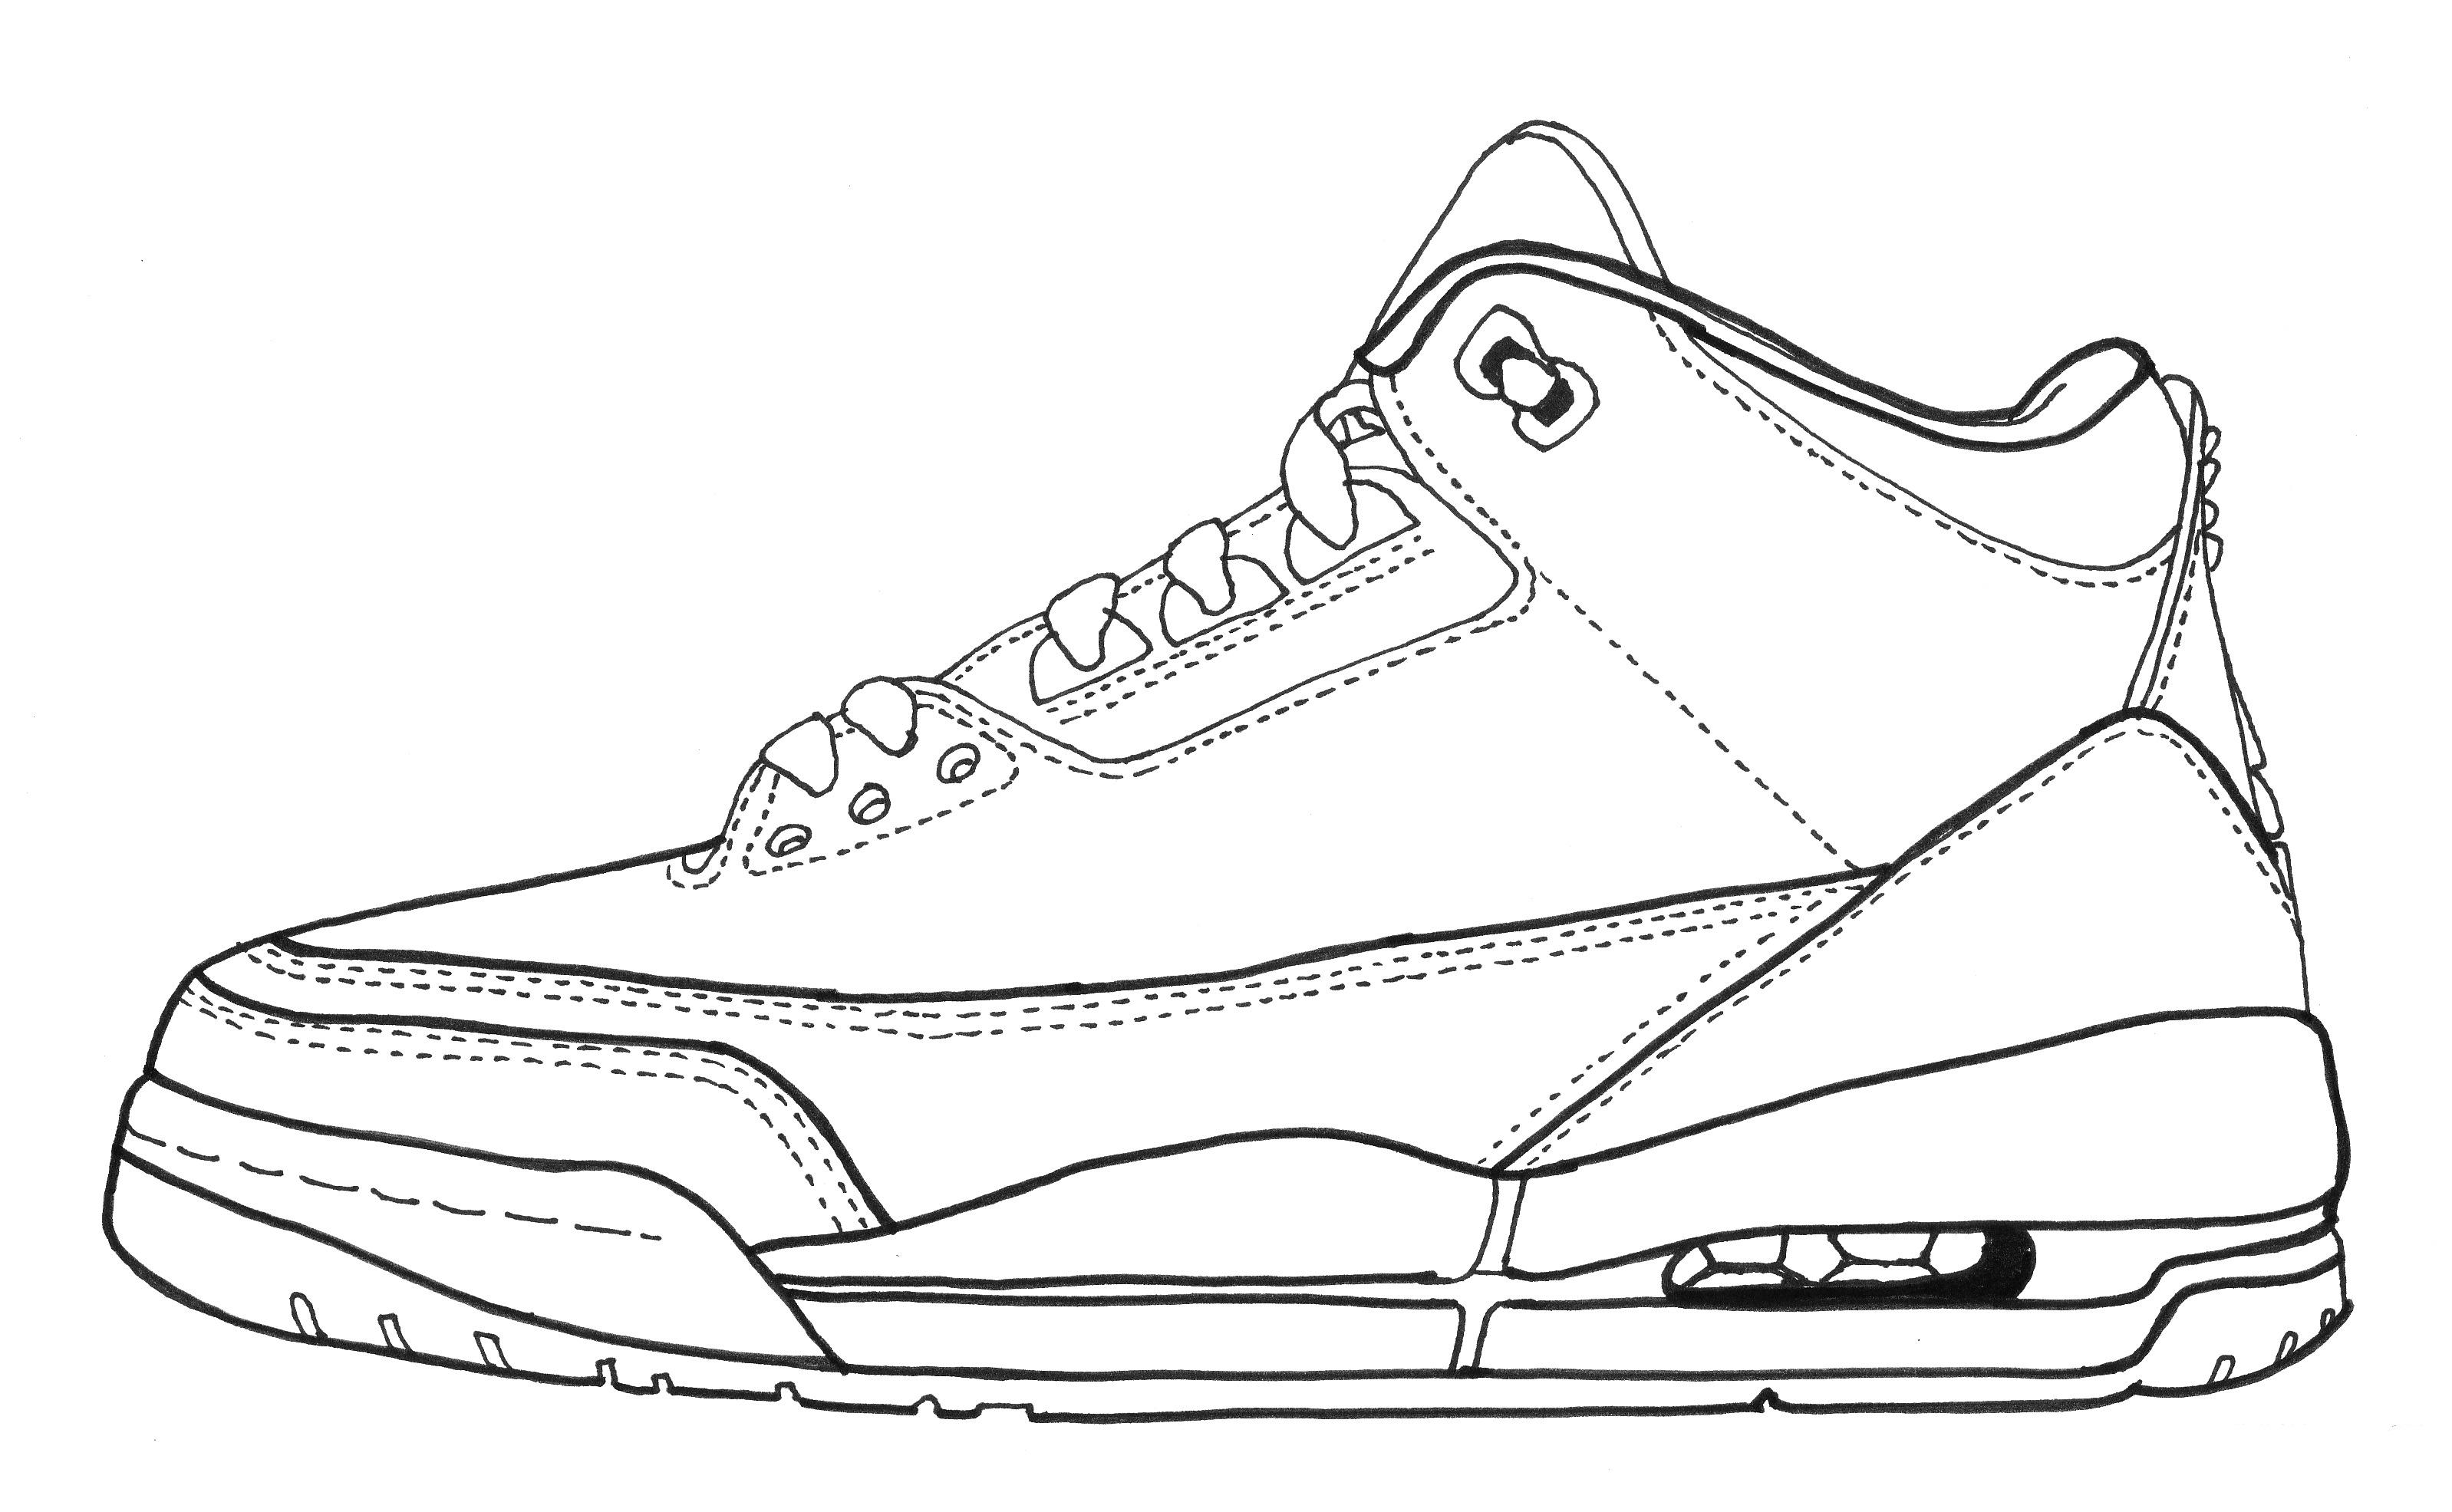 3196x1971 Drawings Of Air Jordan 3 Model Aviation